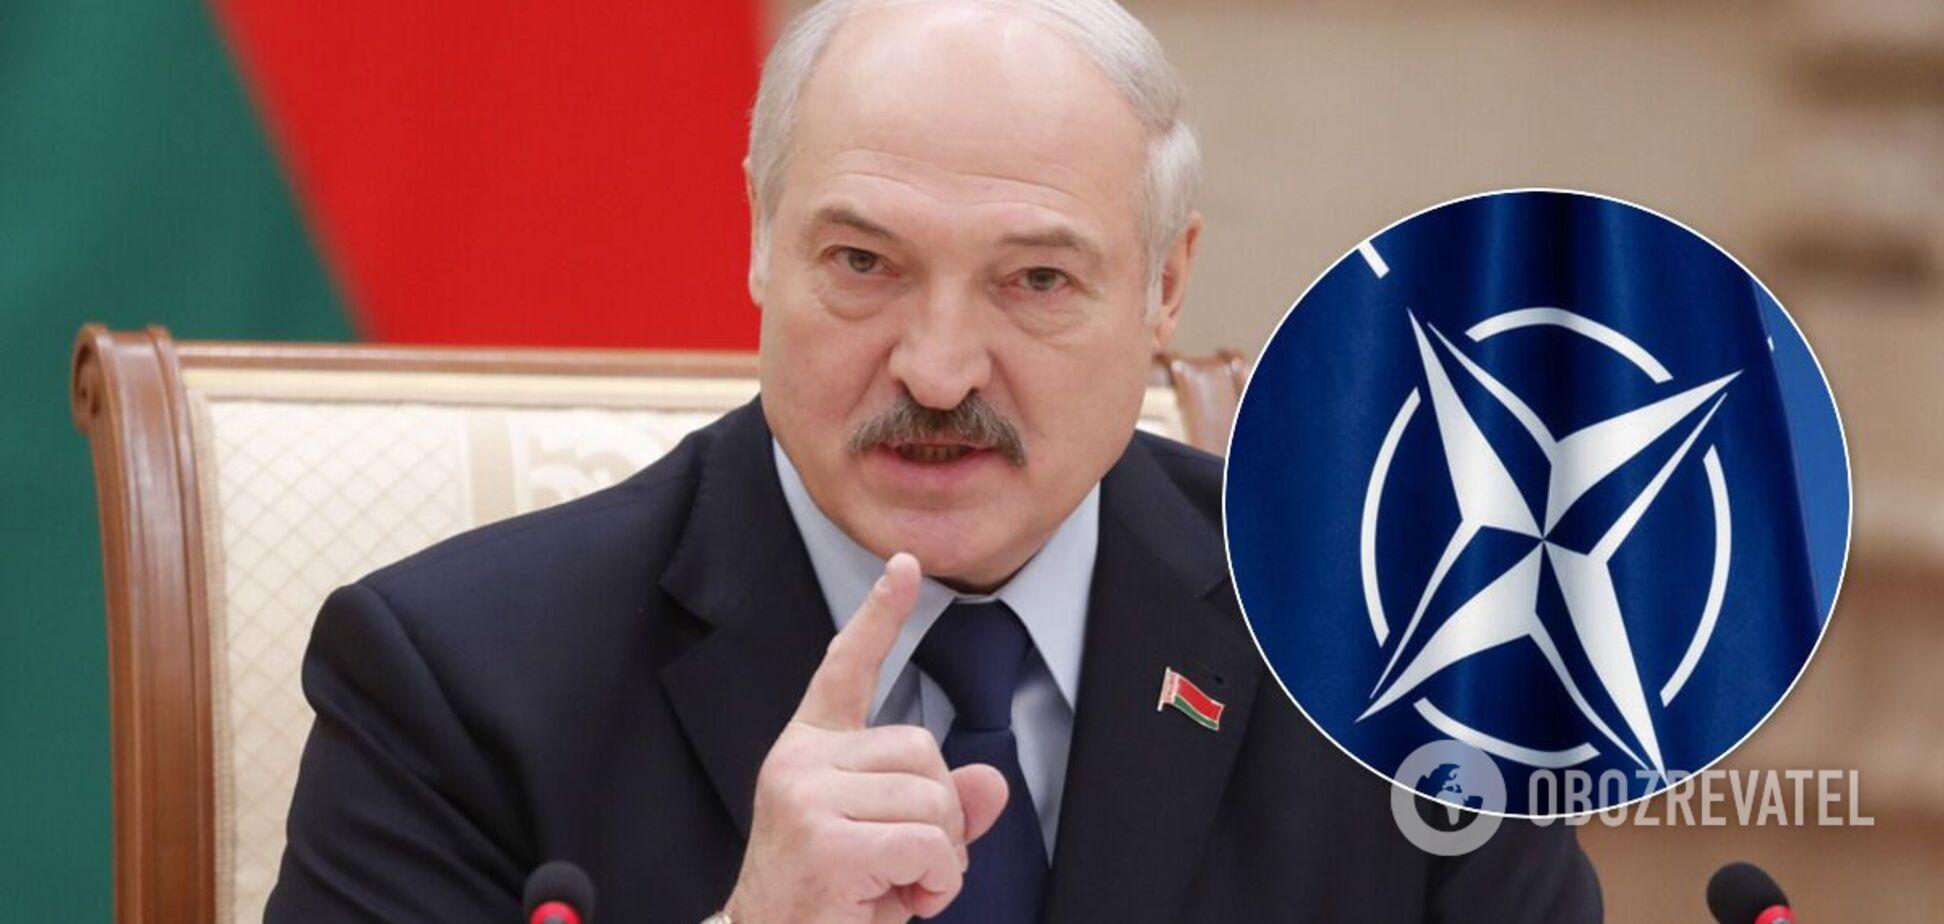 Лукашенко обвинил НАТО в попытке 'убаюкать' его и предупредил военных. Видео